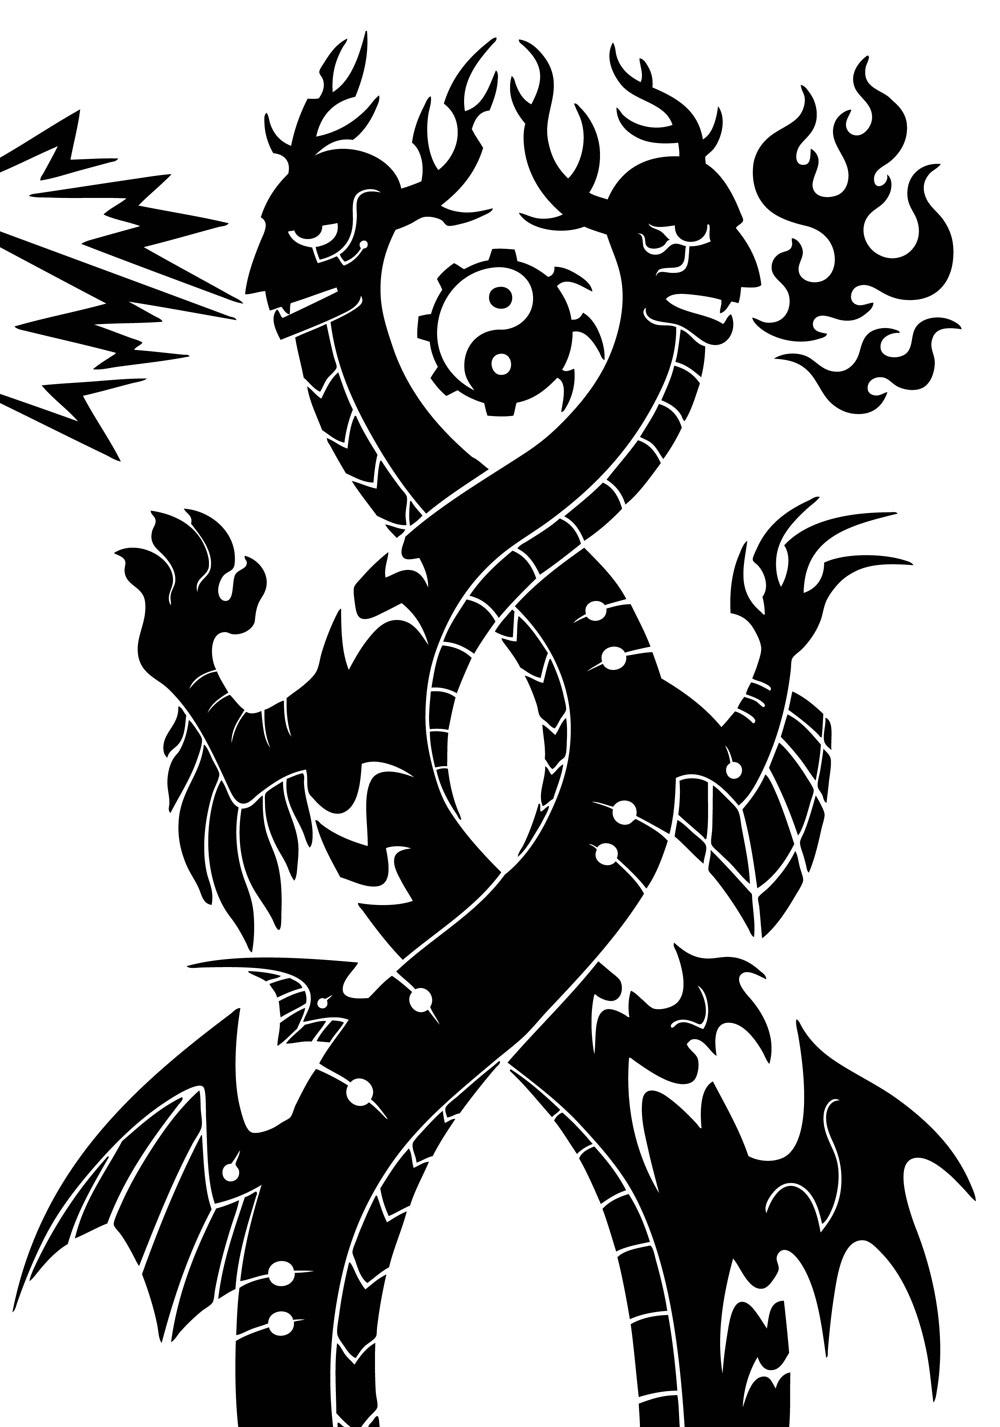 亚大伯斯与麦卡恩 - 中国神话风